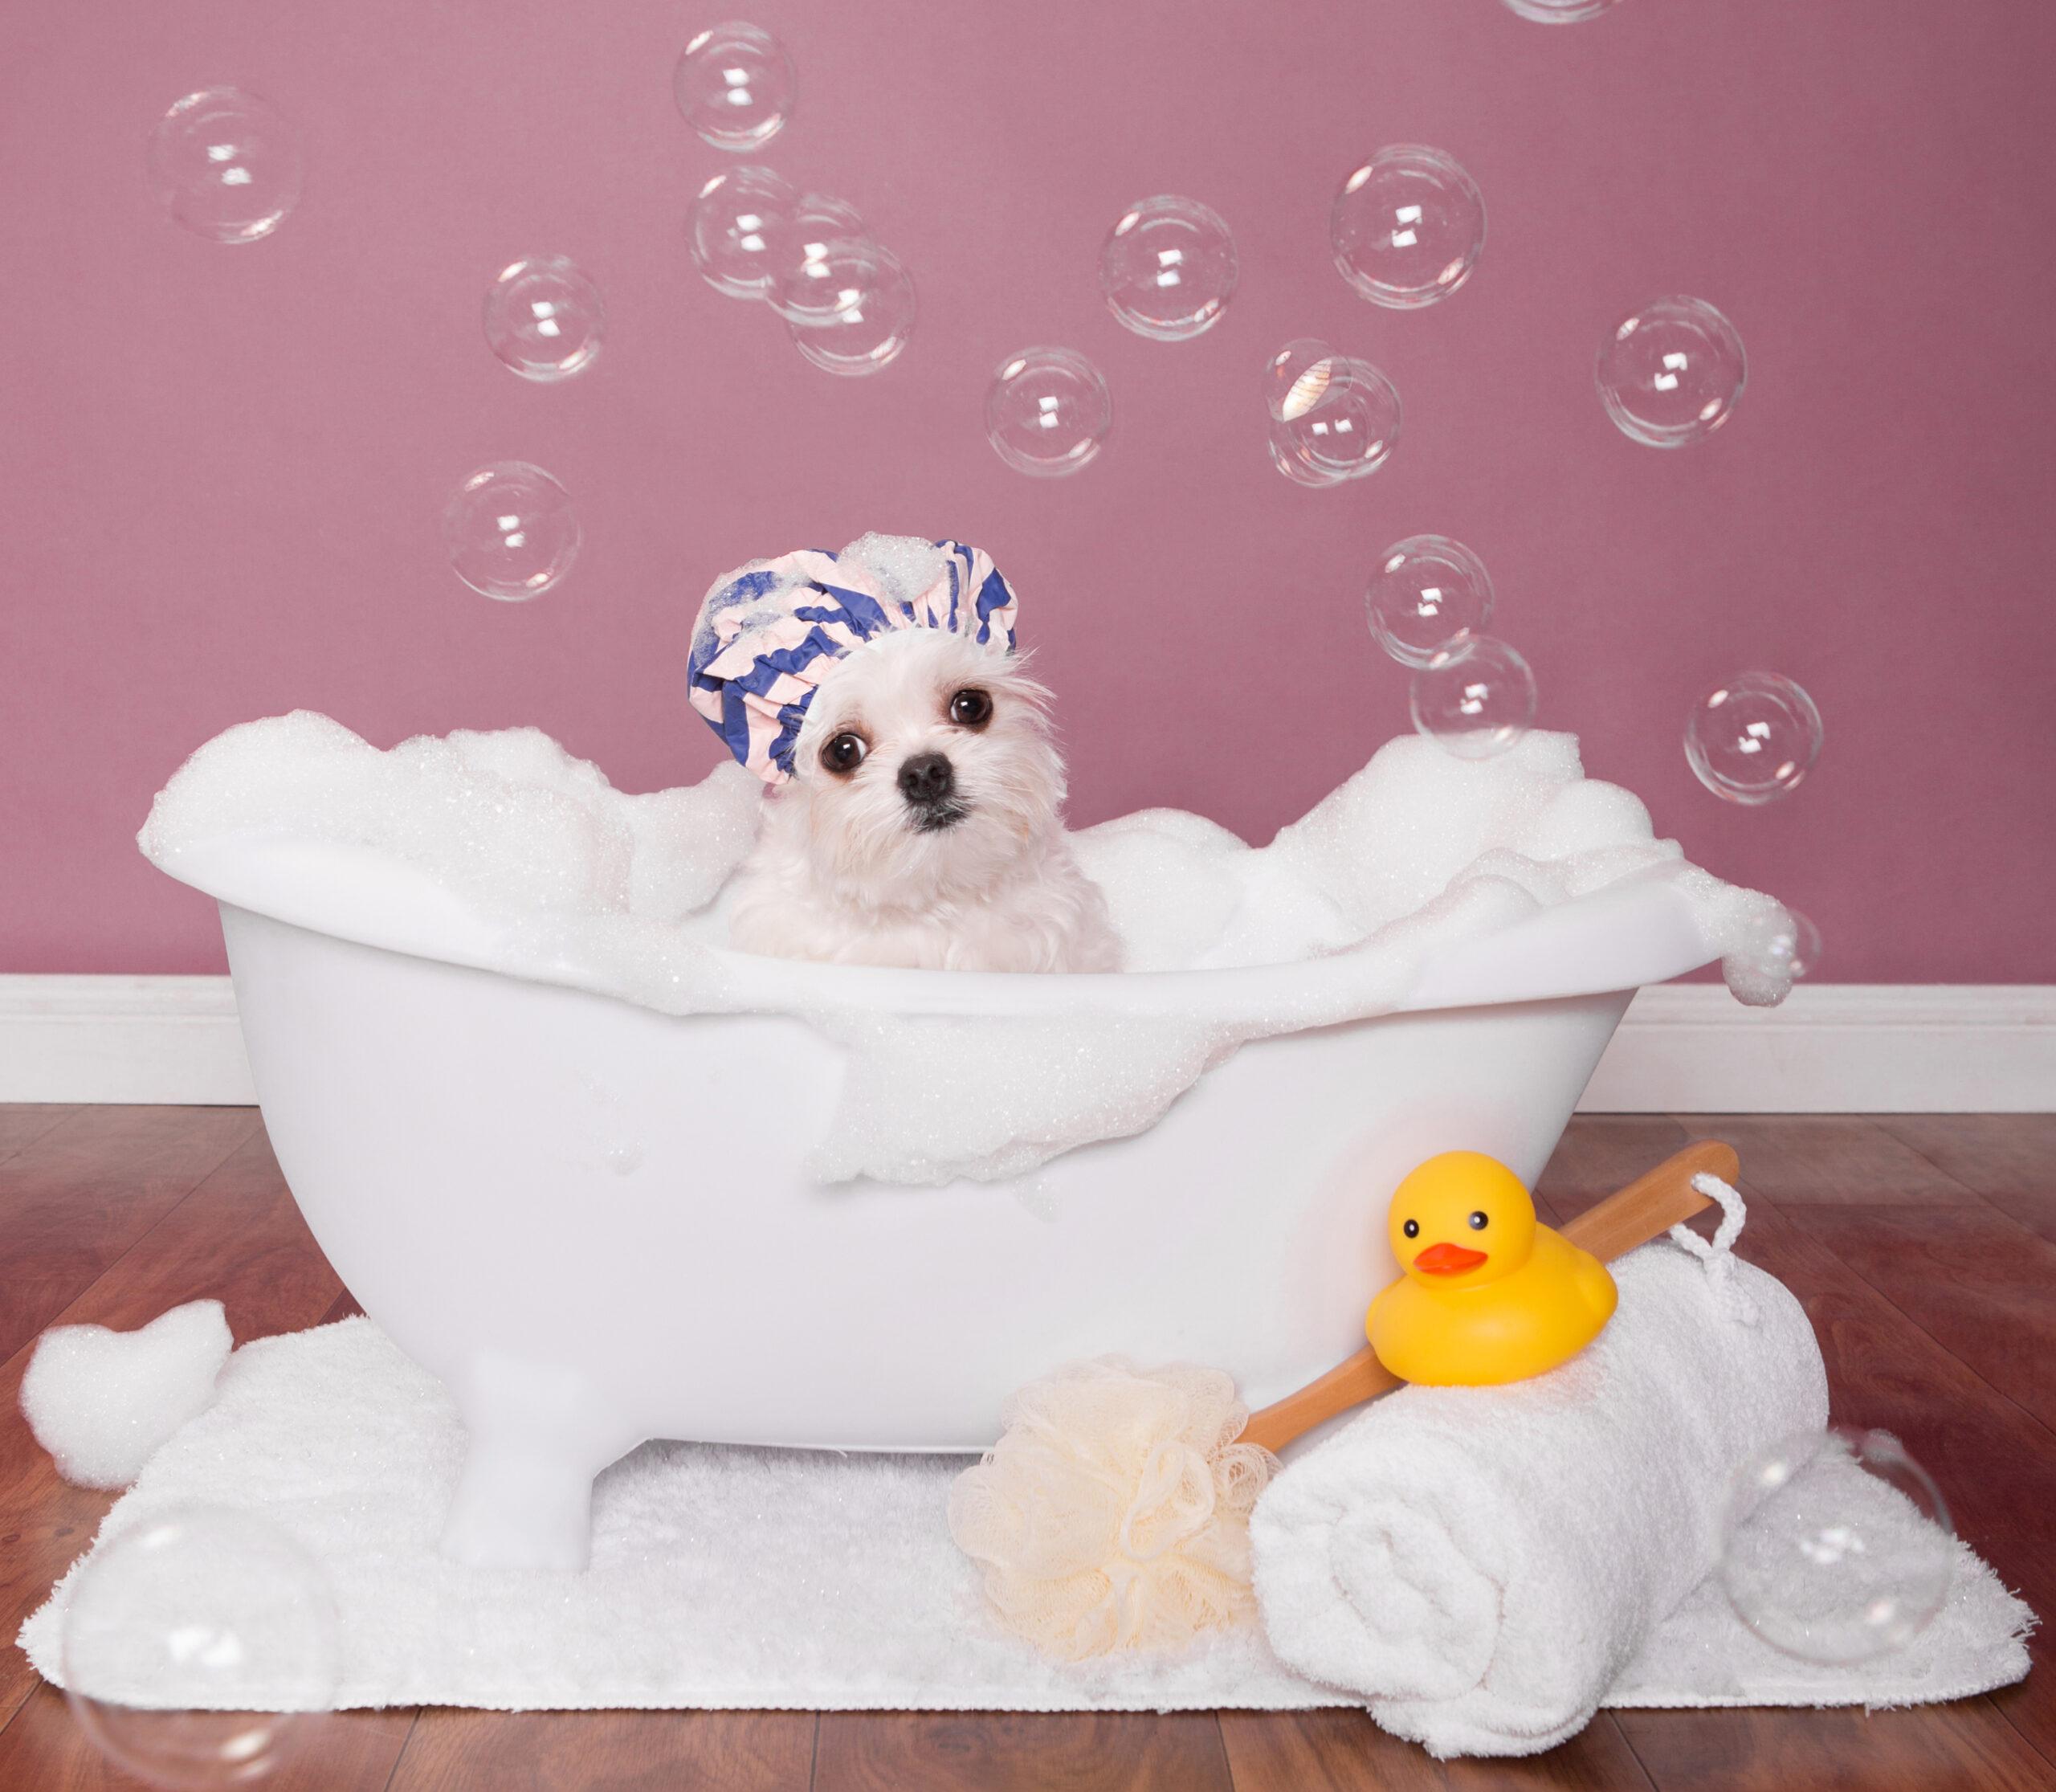 Dog in bathtub